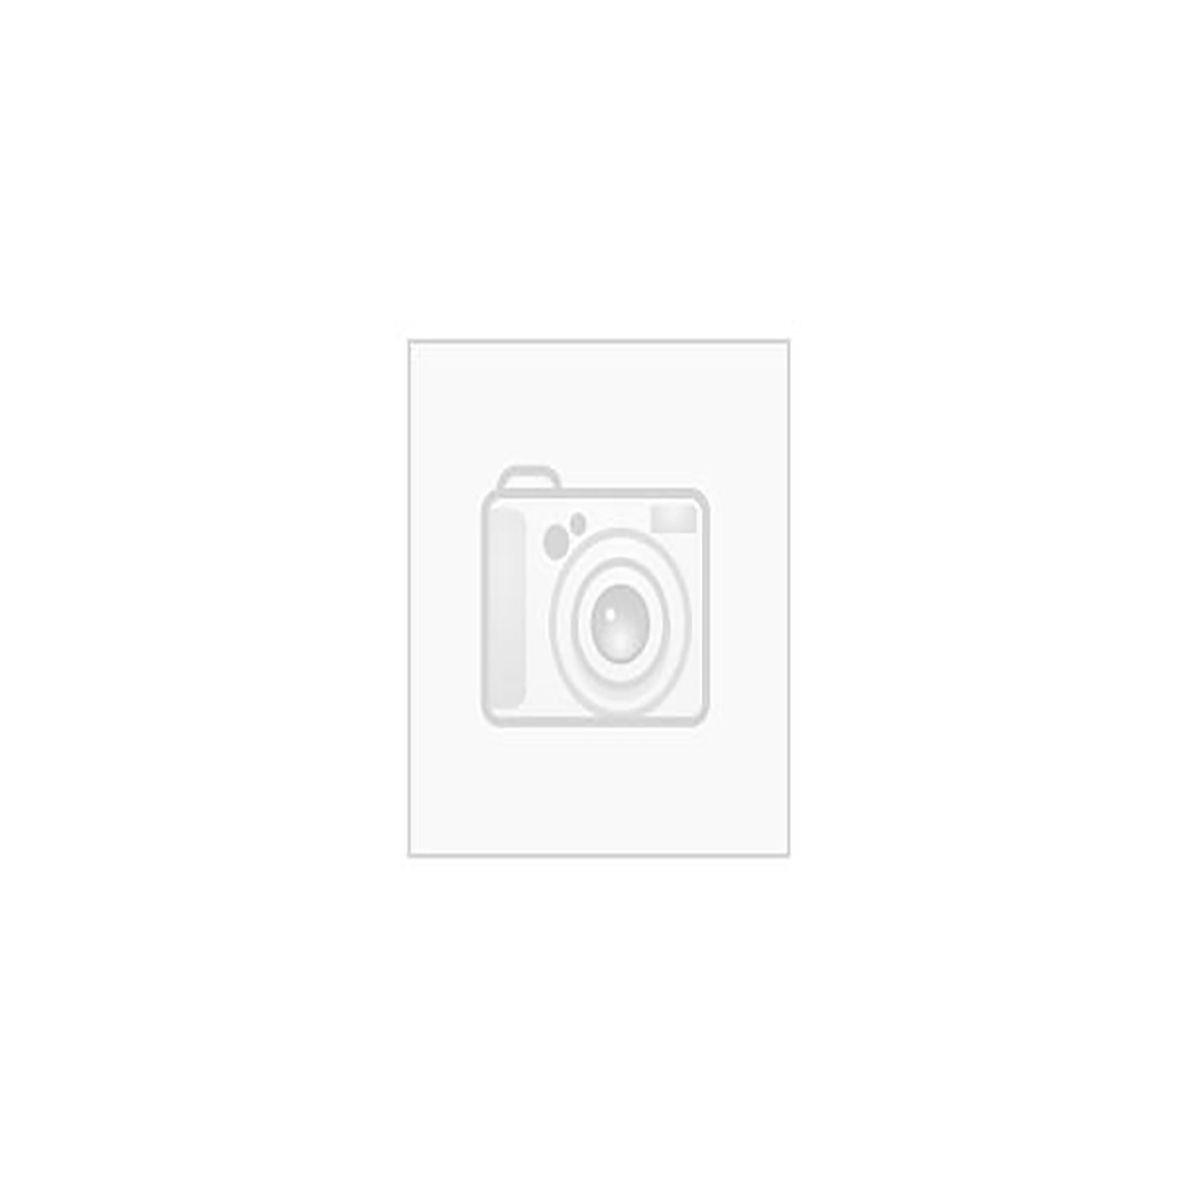 Avfallspose V 3x20 stk (60 poser)